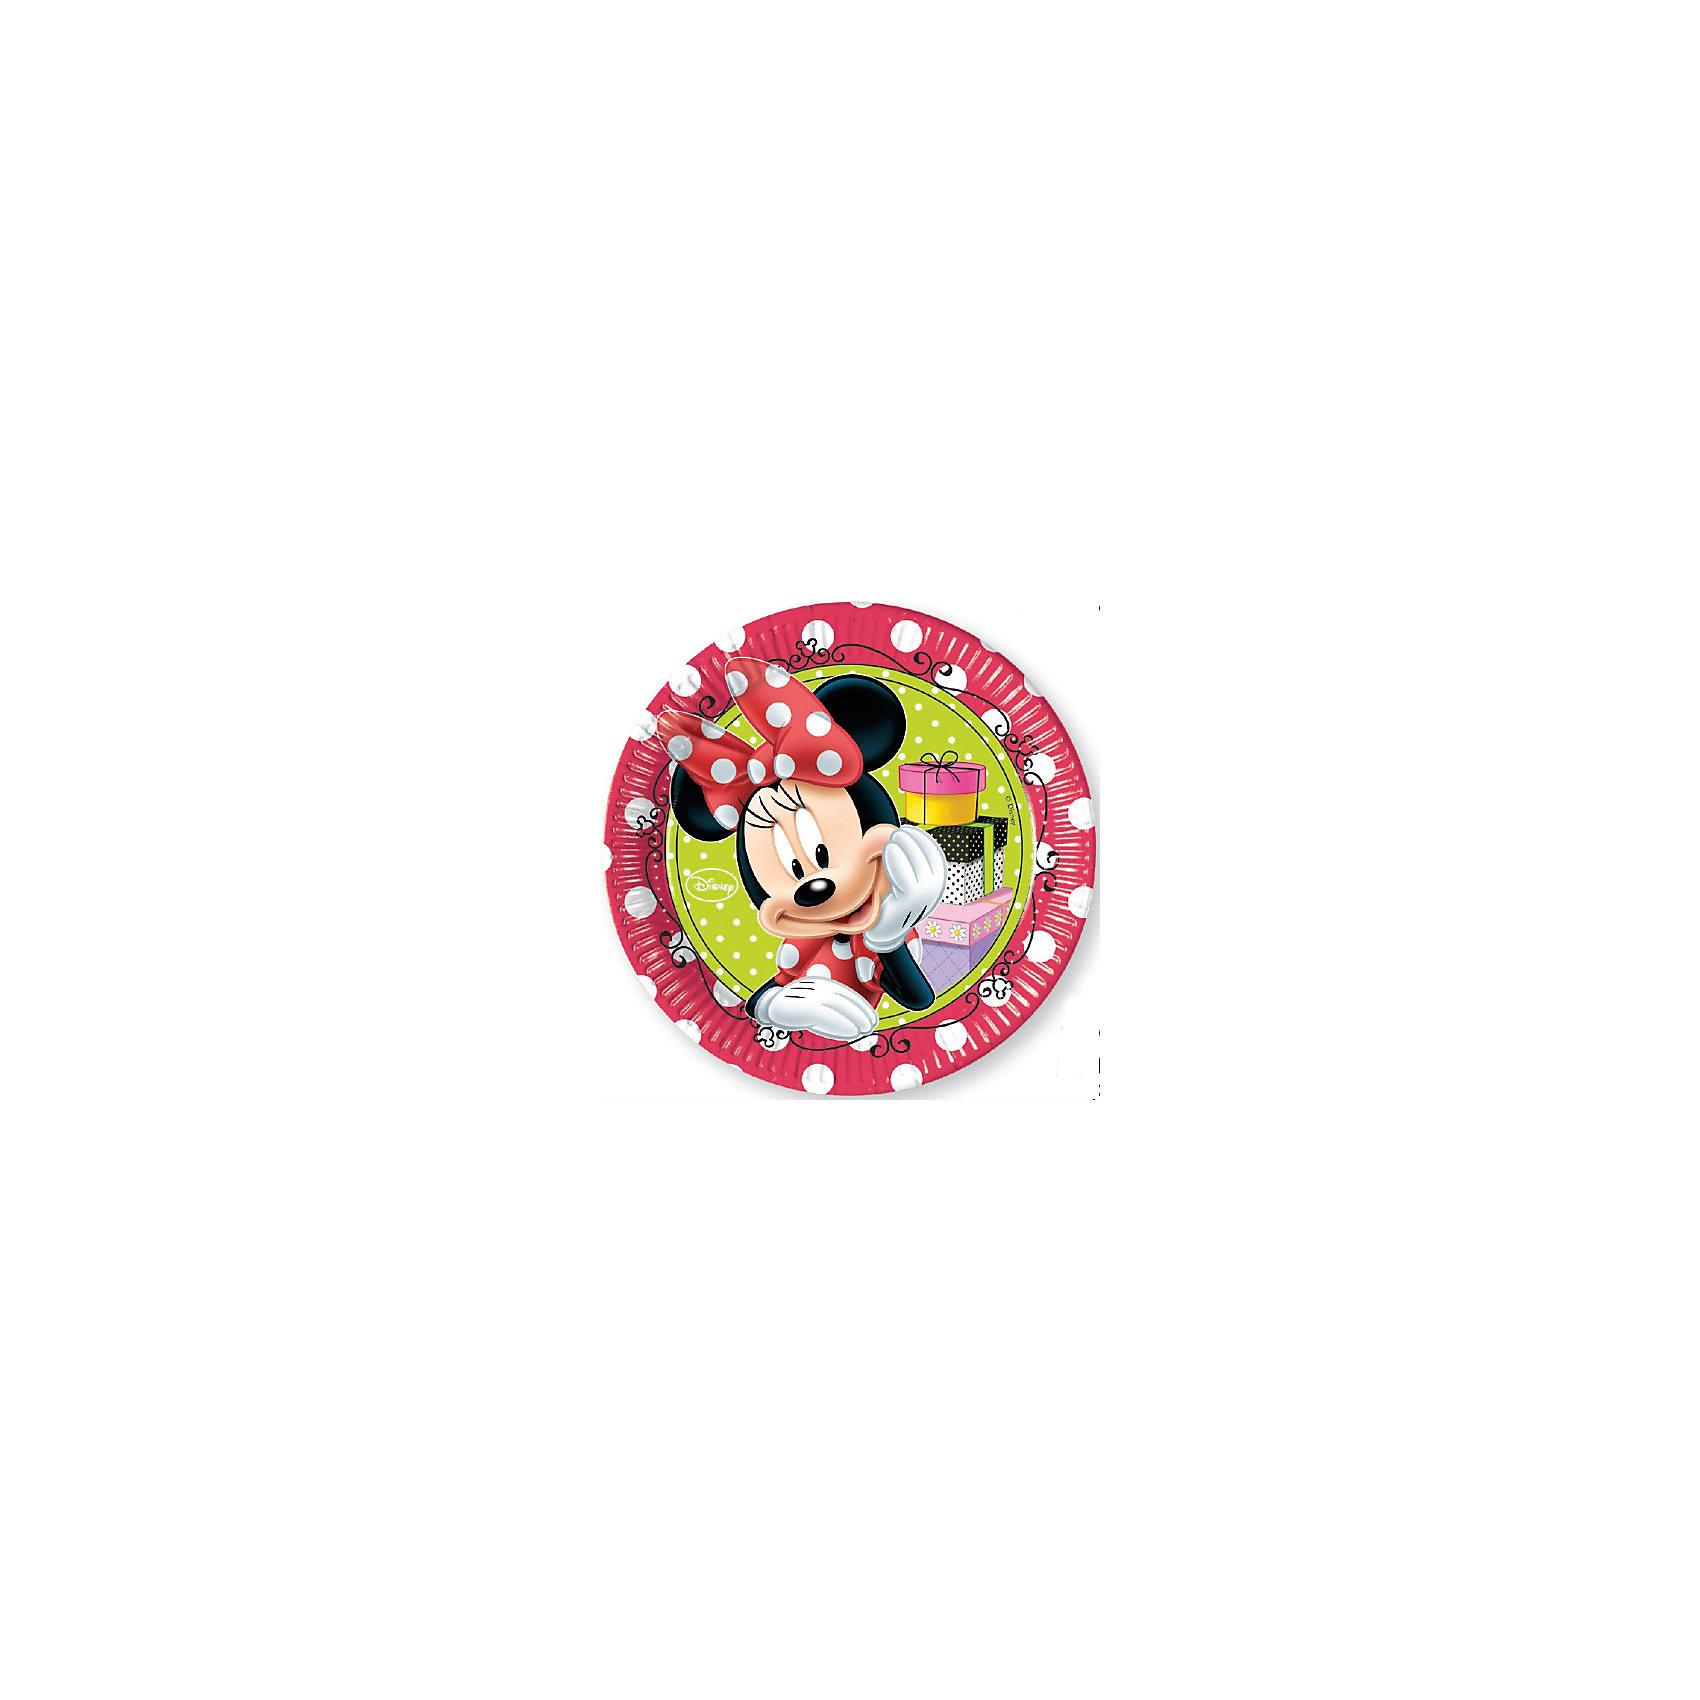 Тарелки Стильная Минни 20 см, 8 шт.Тарелки<br>Минни Маус – это очаровательная подружка Микки Мауса. Она всегда одета в красивое красное платье в белый горошек, бантик из такой же ткани красуется на ее голове. Тарелки из праздничной серии Стильная Минни станут не только оригинальным и необычным украшением на детском празднике, но и позволят сохранить Вашу посуду. Бумажные тарелки сделаны из качественных материалов, не токсичны, противоаллергенны и безопасны для здоровья. <br>Размер: 20 см. <br>Количество: 8 шт. <br>Для детей от 3 лет.<br><br>Ширина мм: 190<br>Глубина мм: 10<br>Высота мм: 262<br>Вес г: 60<br>Возраст от месяцев: 36<br>Возраст до месяцев: 2147483647<br>Пол: Женский<br>Возраст: Детский<br>SKU: 7128895